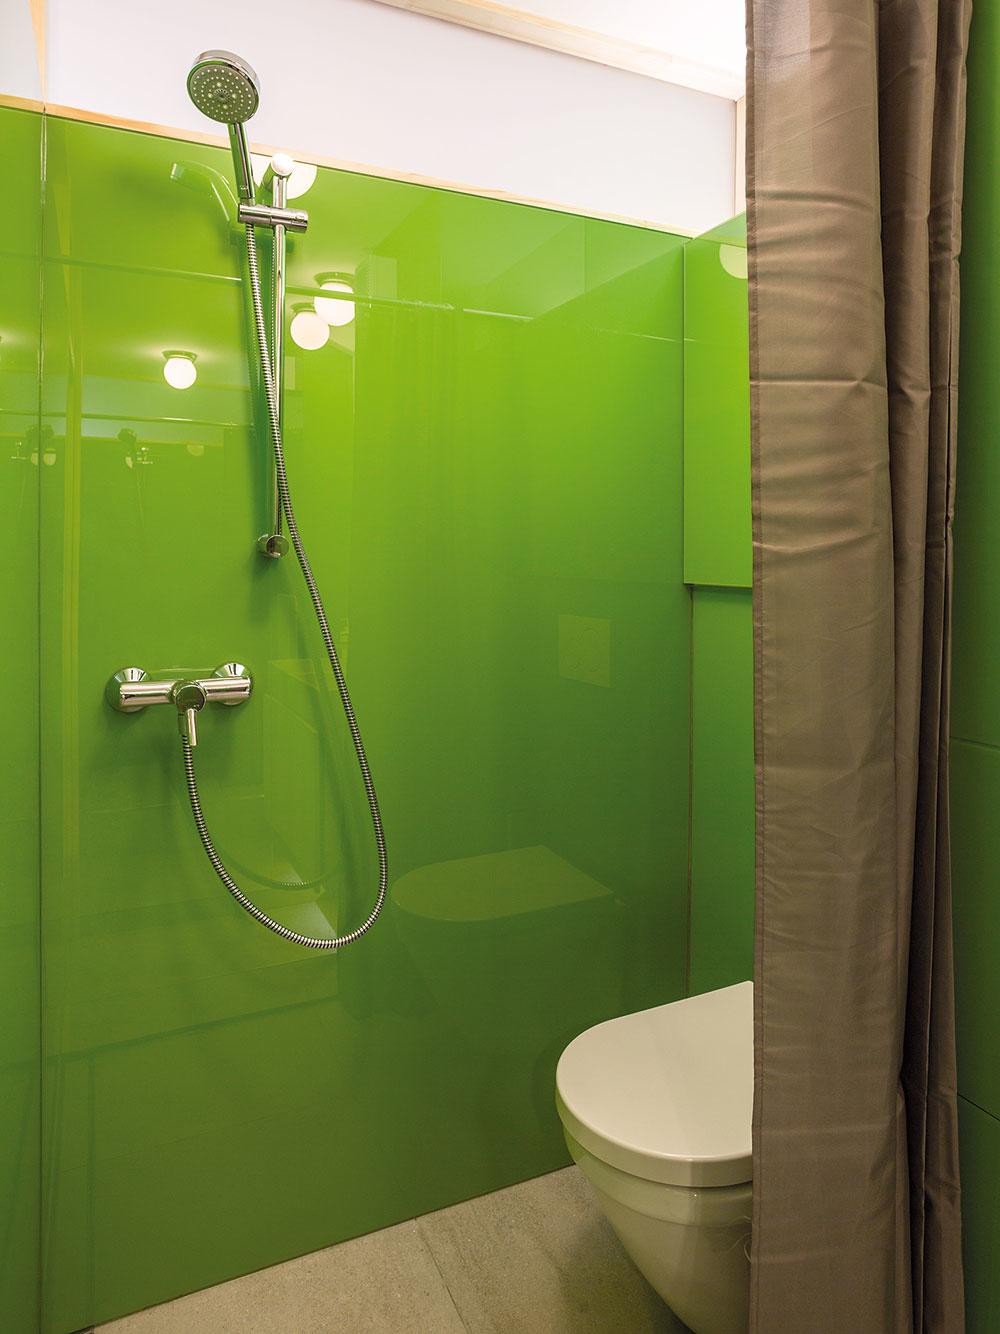 Kúpeľňa je oproti pôvodnému stavu väčšia, v záujme pohodlných rozmerov sprchovacieho kúta však aj tak museli zvoliť jeho neštand